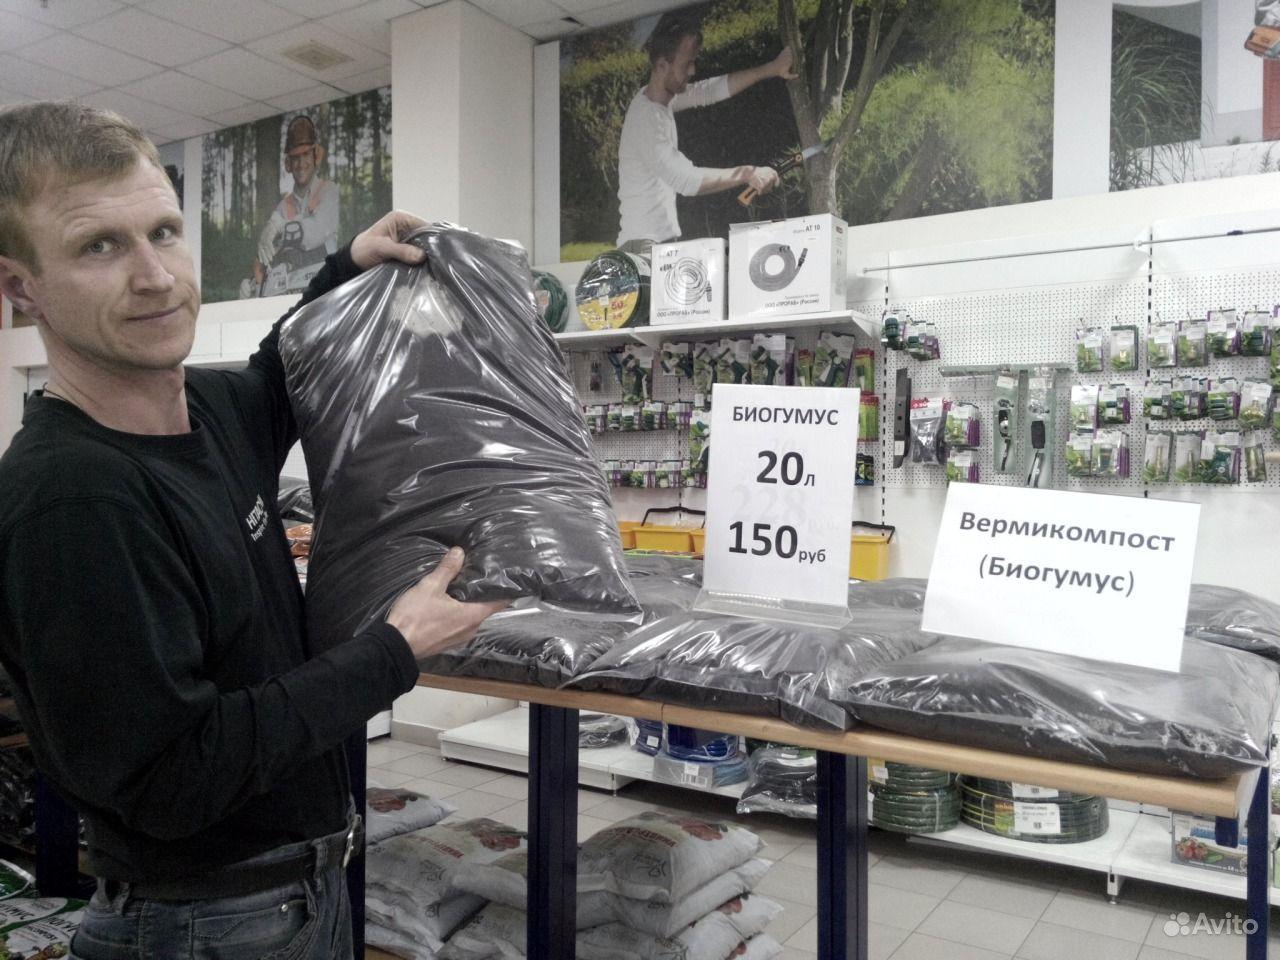 Биогумус. Вермикомпост Ткаченко по 20 и 40 литров купить на Зозу.ру - фотография № 2